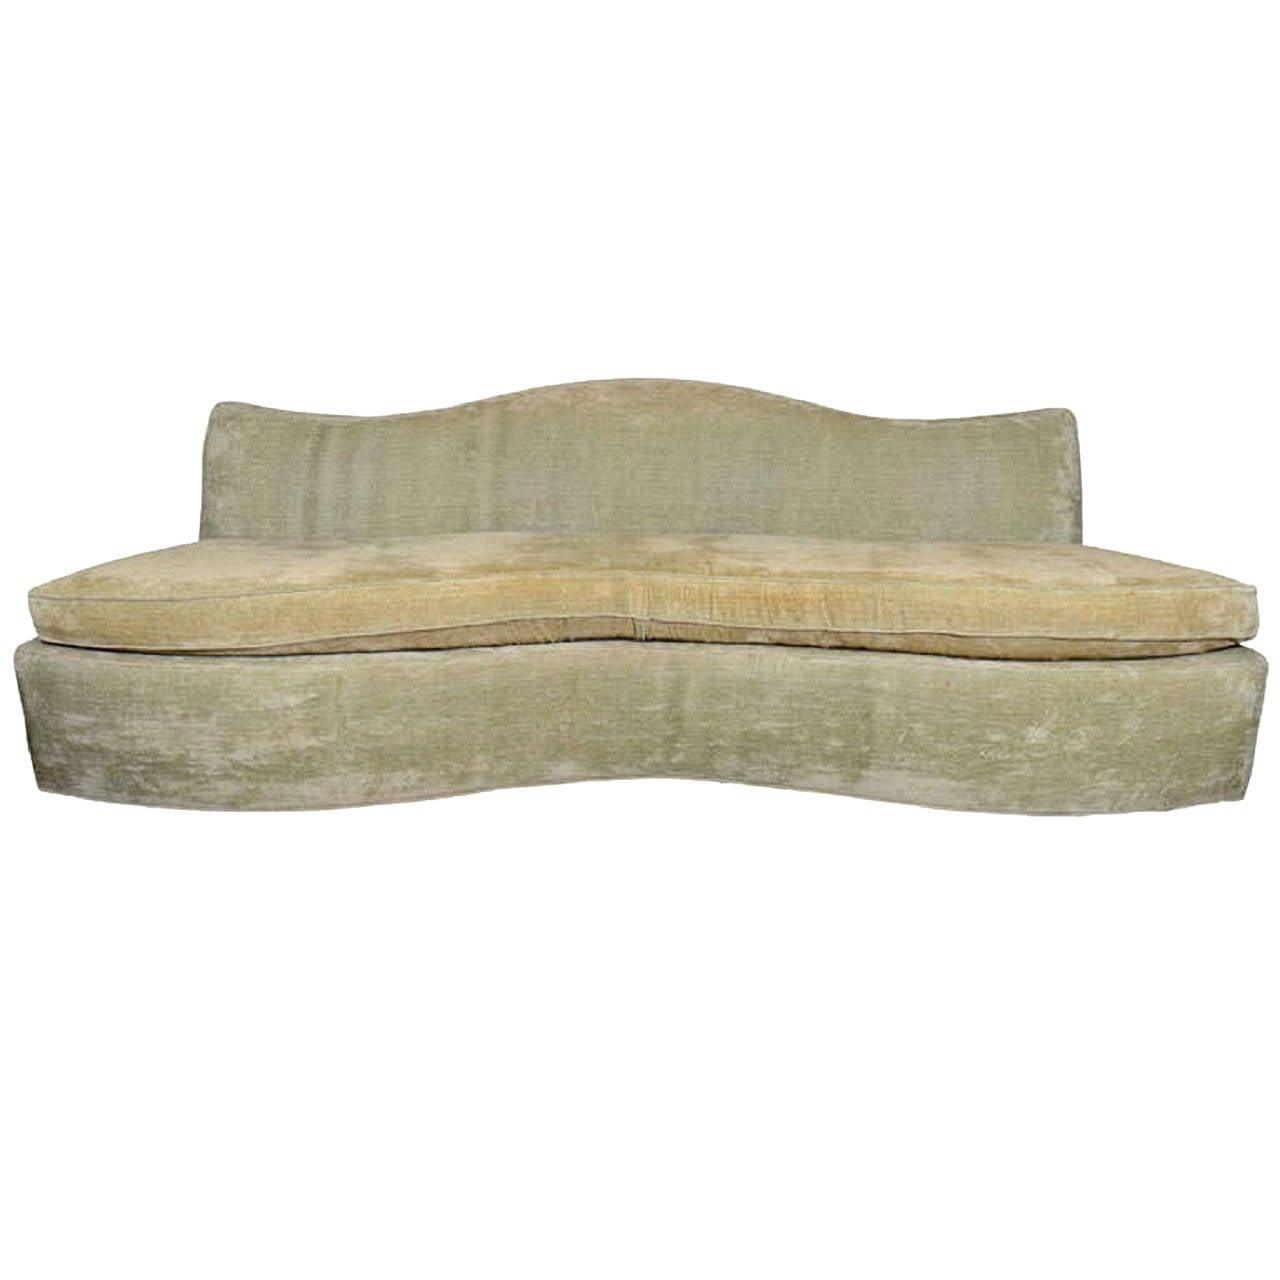 percival lafer sofa